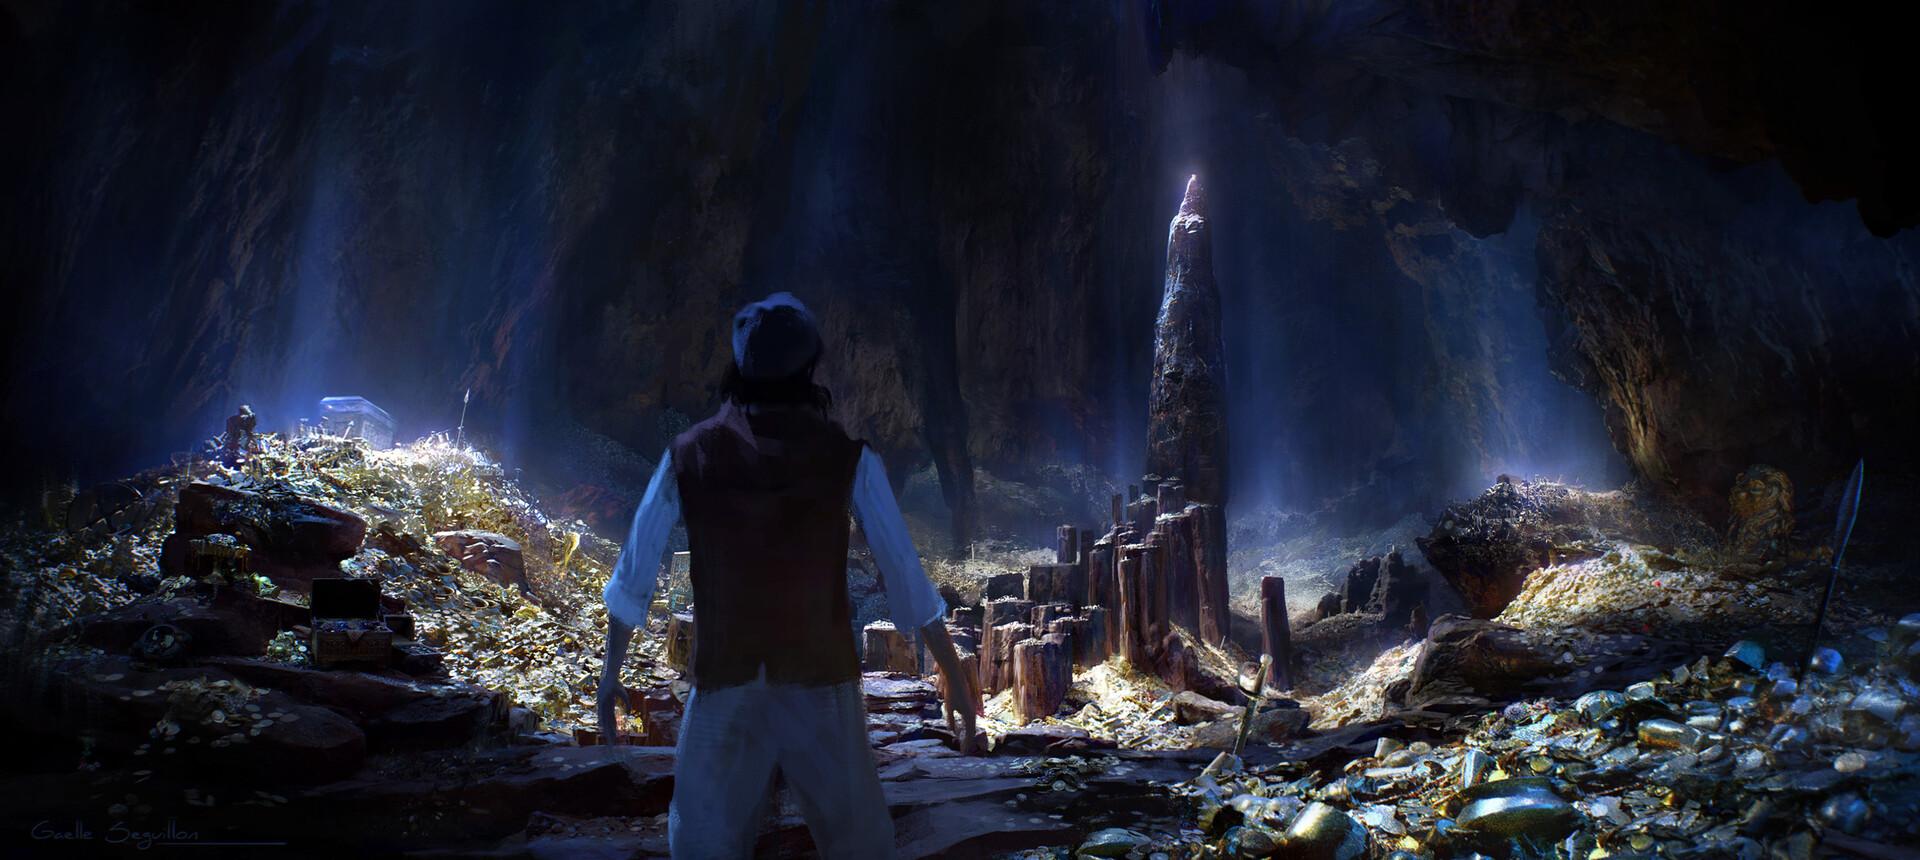 Aladdin [Disney - 2019] - Page 40 Gaelle-seguillon-gaelle-seguillon-aladdin-01